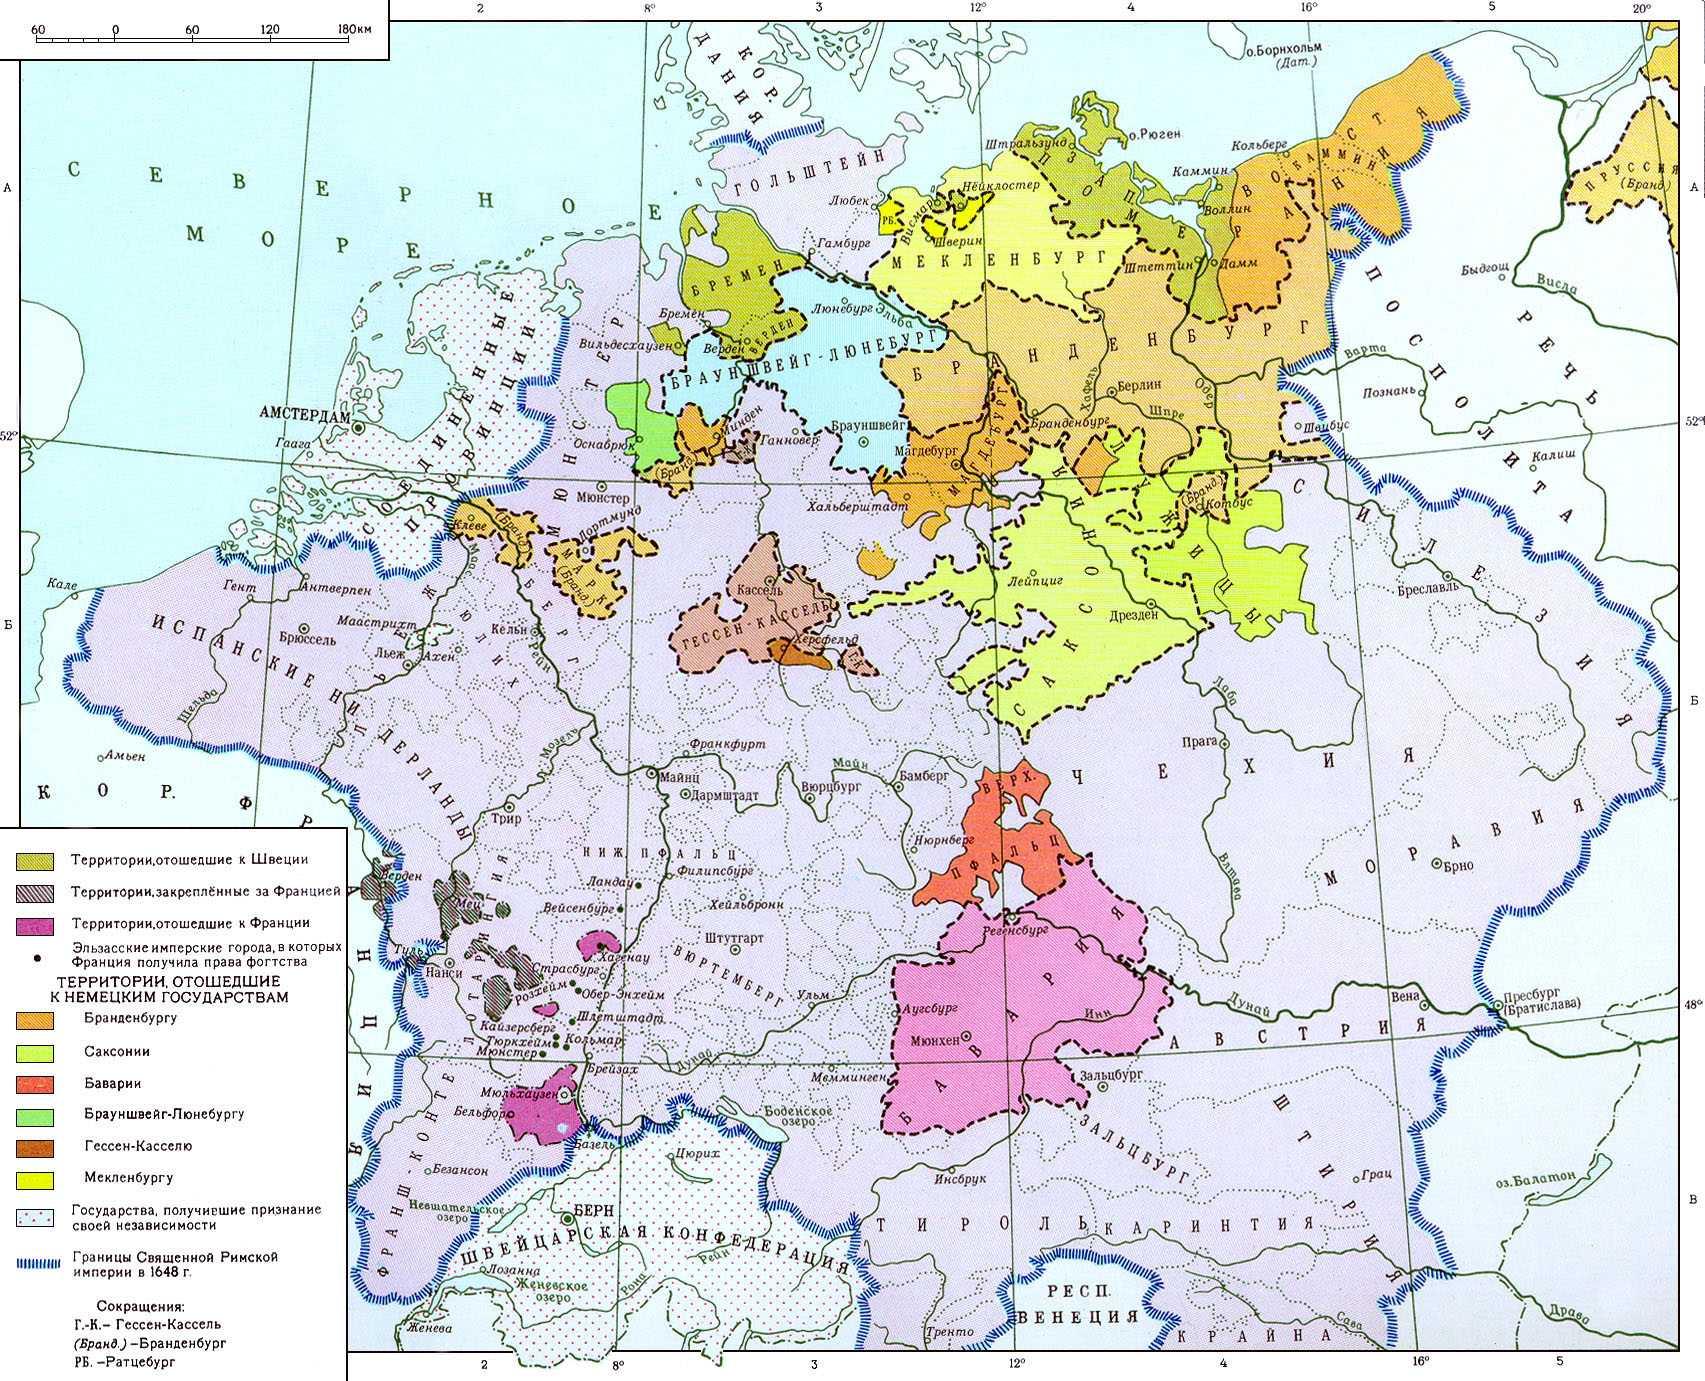 """Смотреть что такое """"Вестфальский мир 1648"""" в других словарях:"""